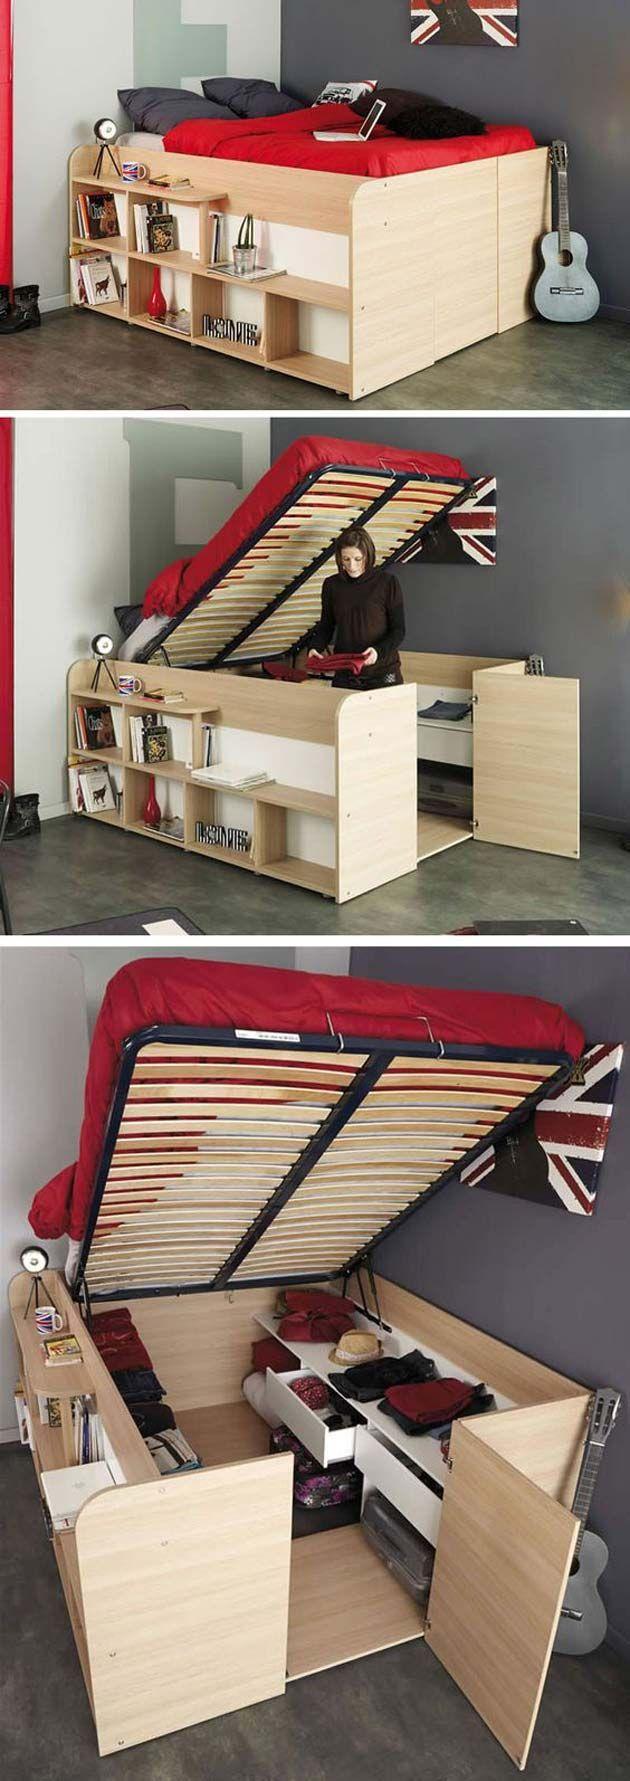 31 Ideen für kleine Räume zur Maximierung Ihres …